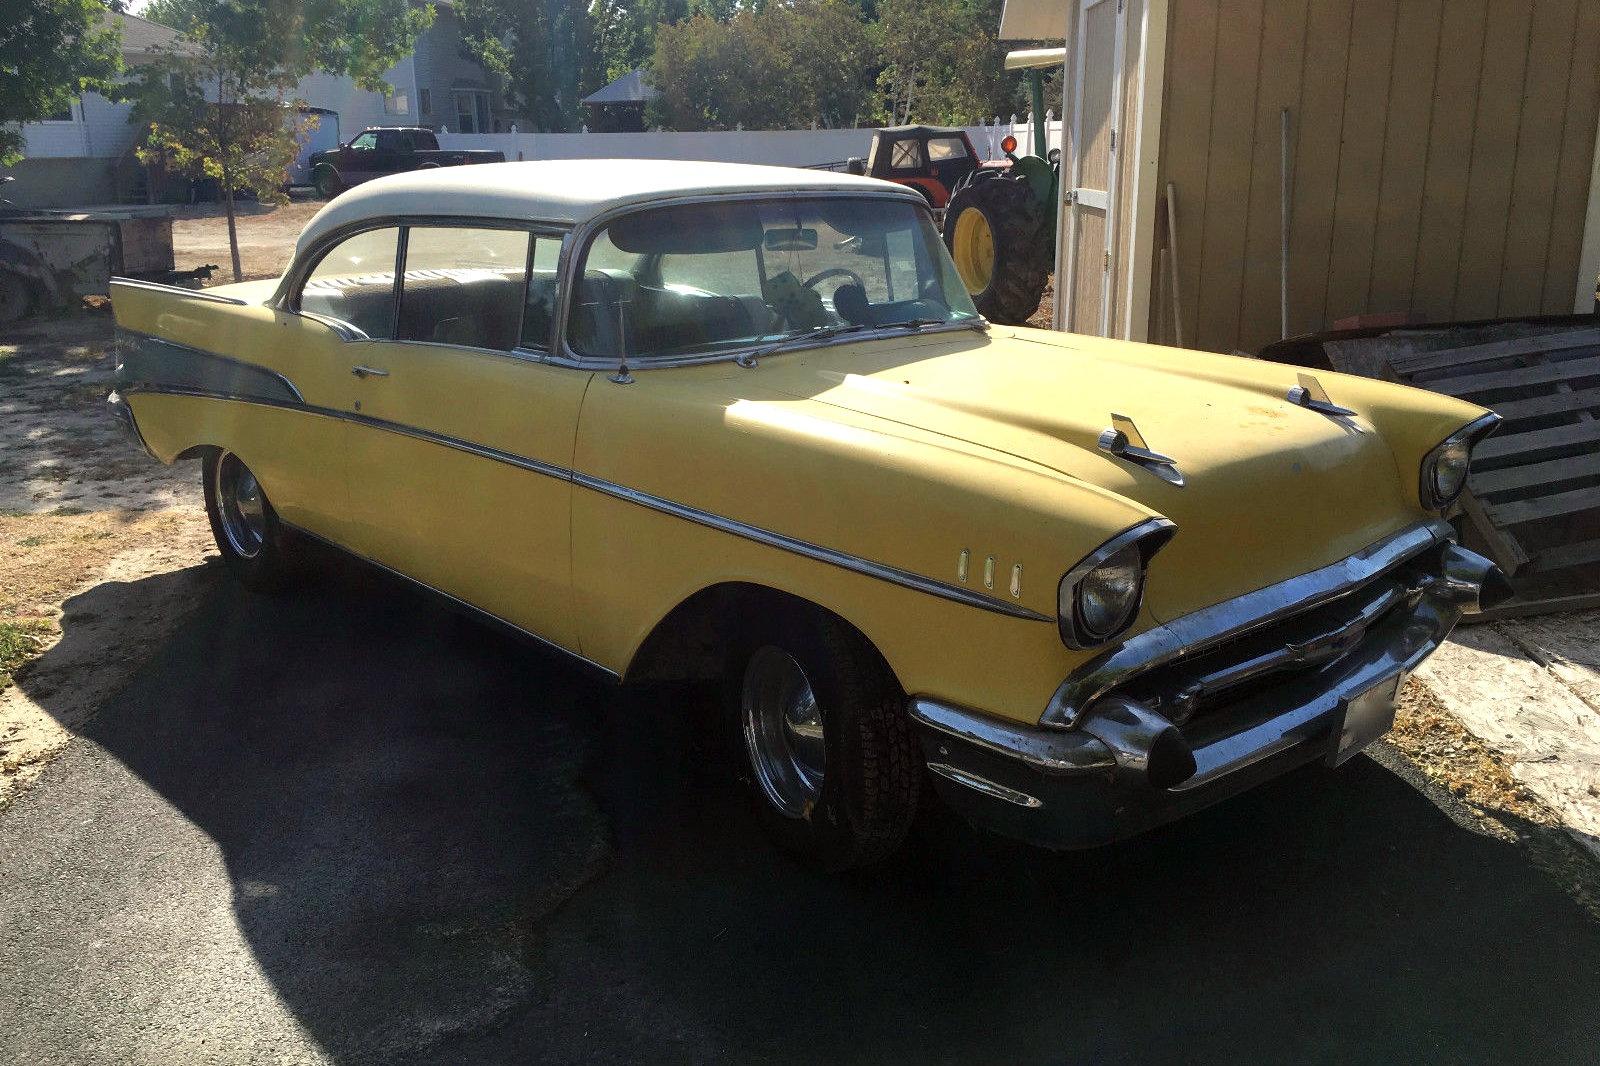 Grandpa U0026 39 S 1957 Chevy Bel Air